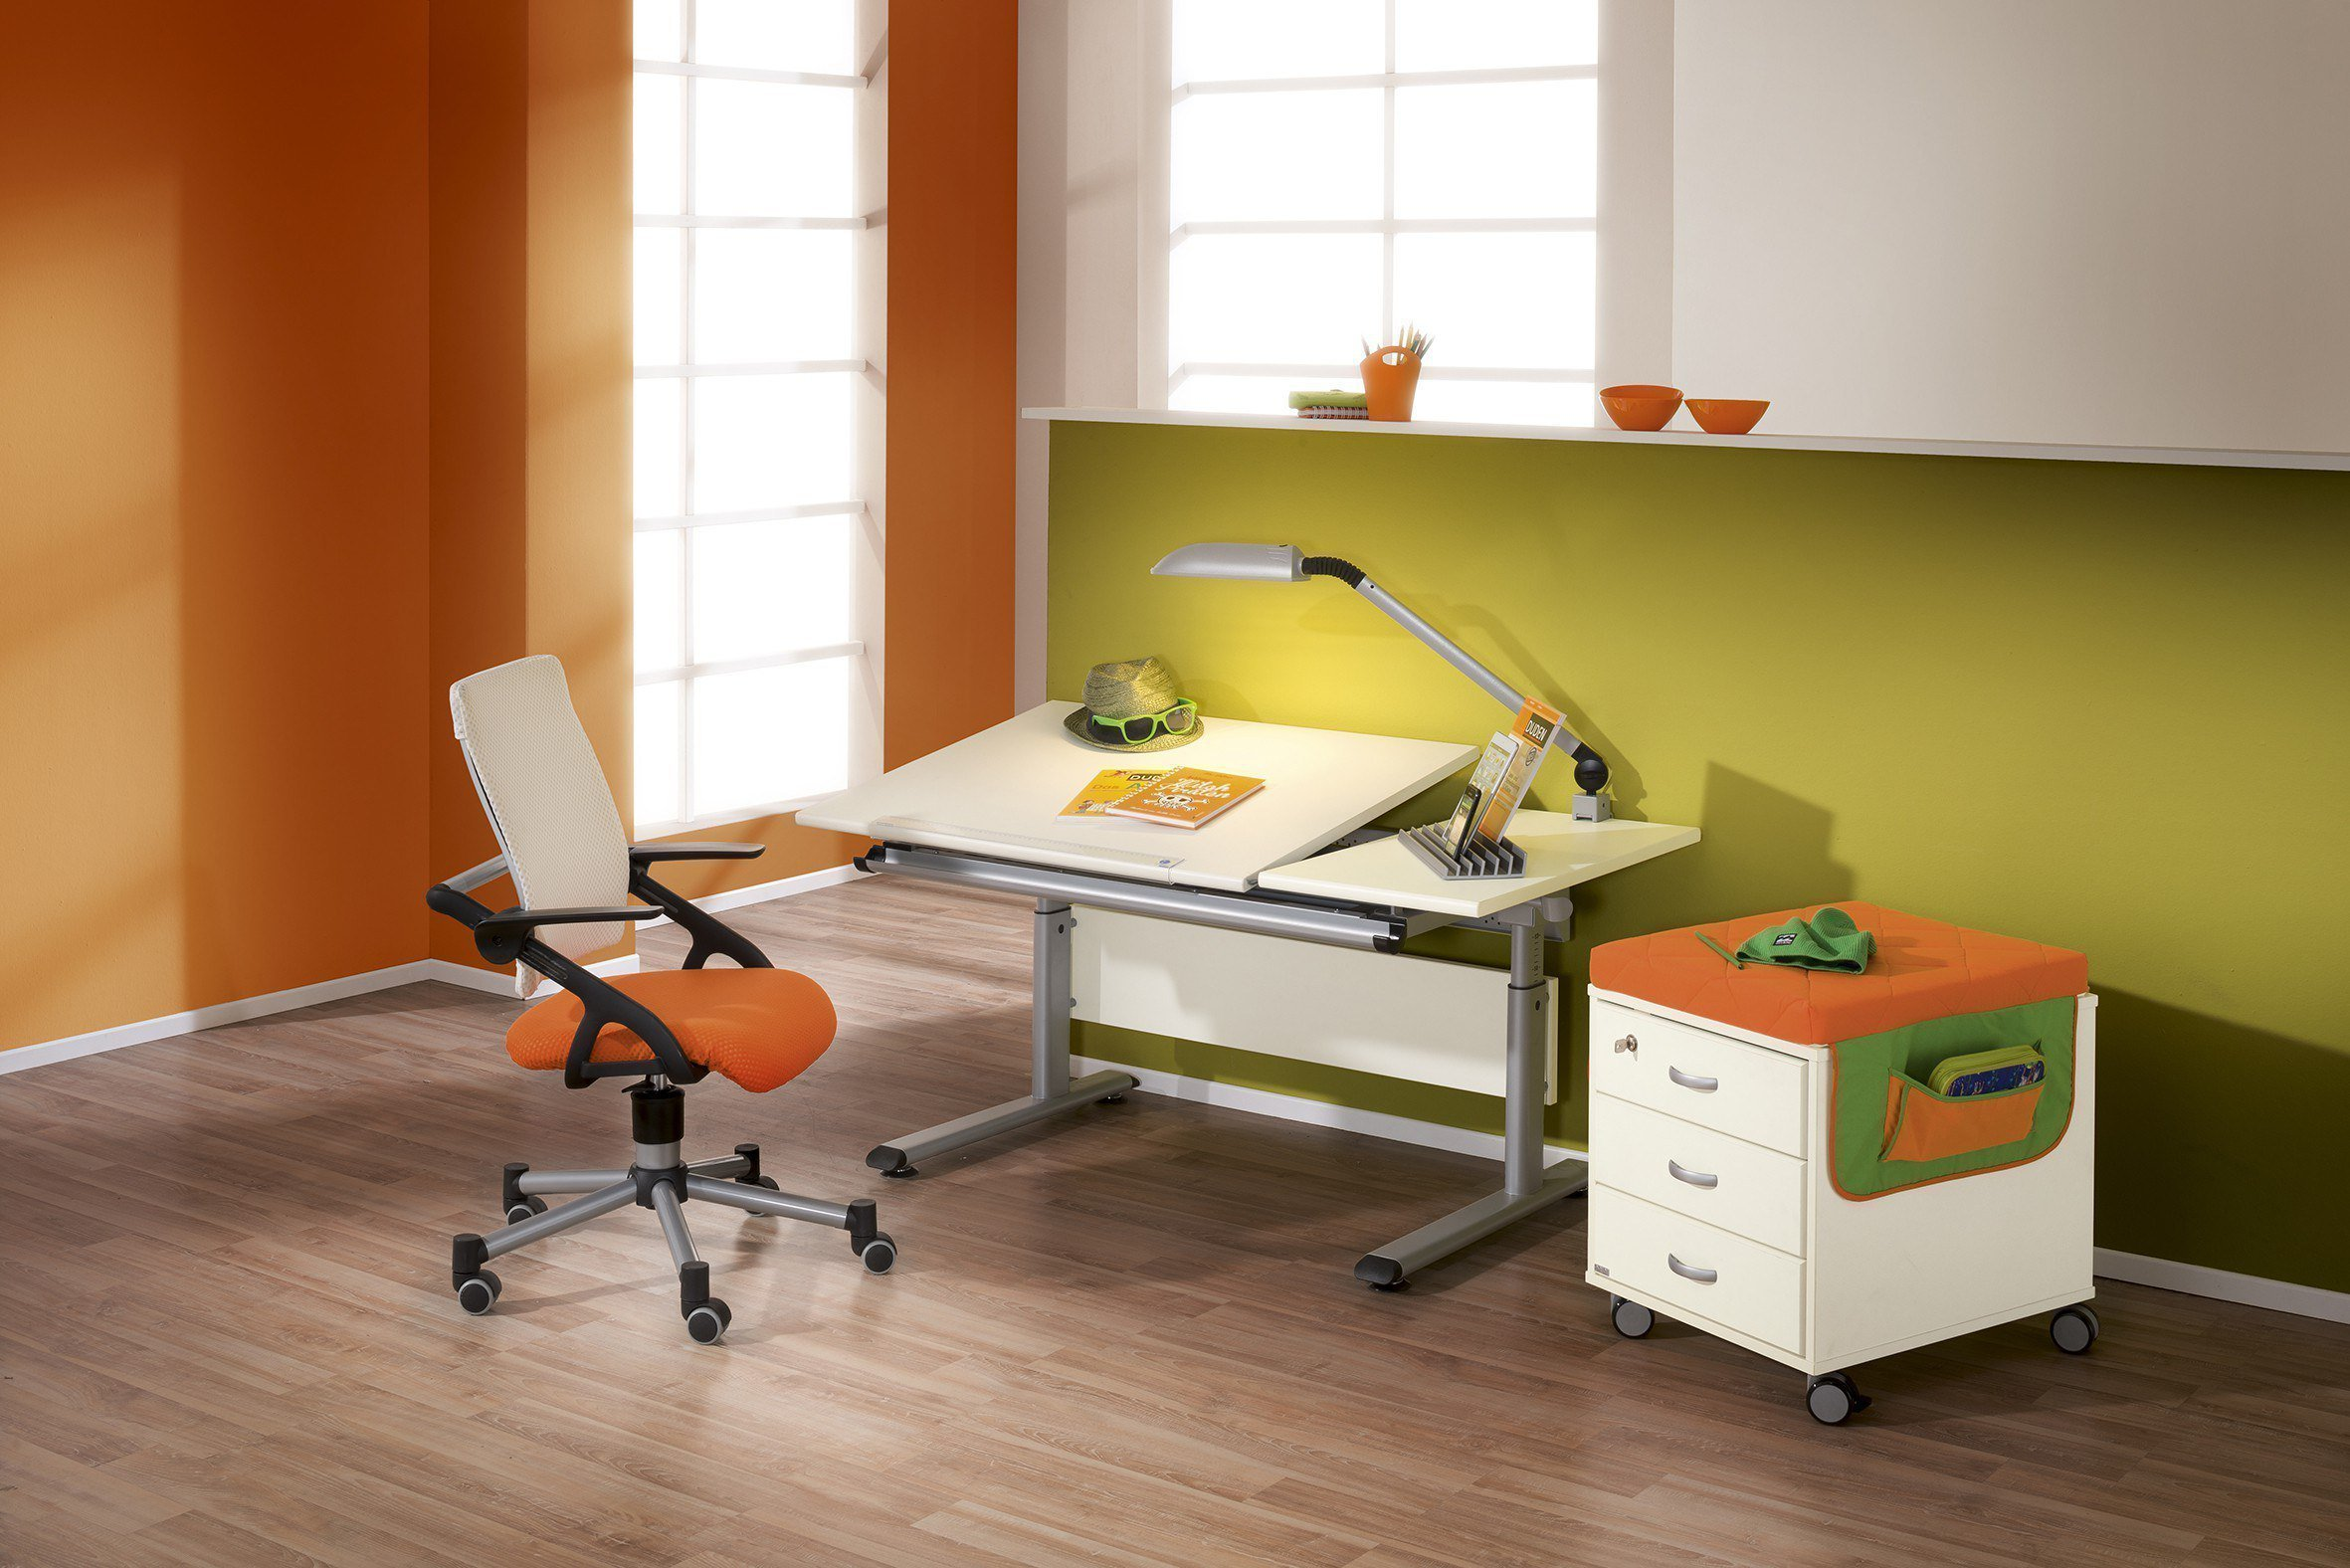 paidi kinderschreibtisch ecru h henverstellbar m bel letz ihr online shop. Black Bedroom Furniture Sets. Home Design Ideas